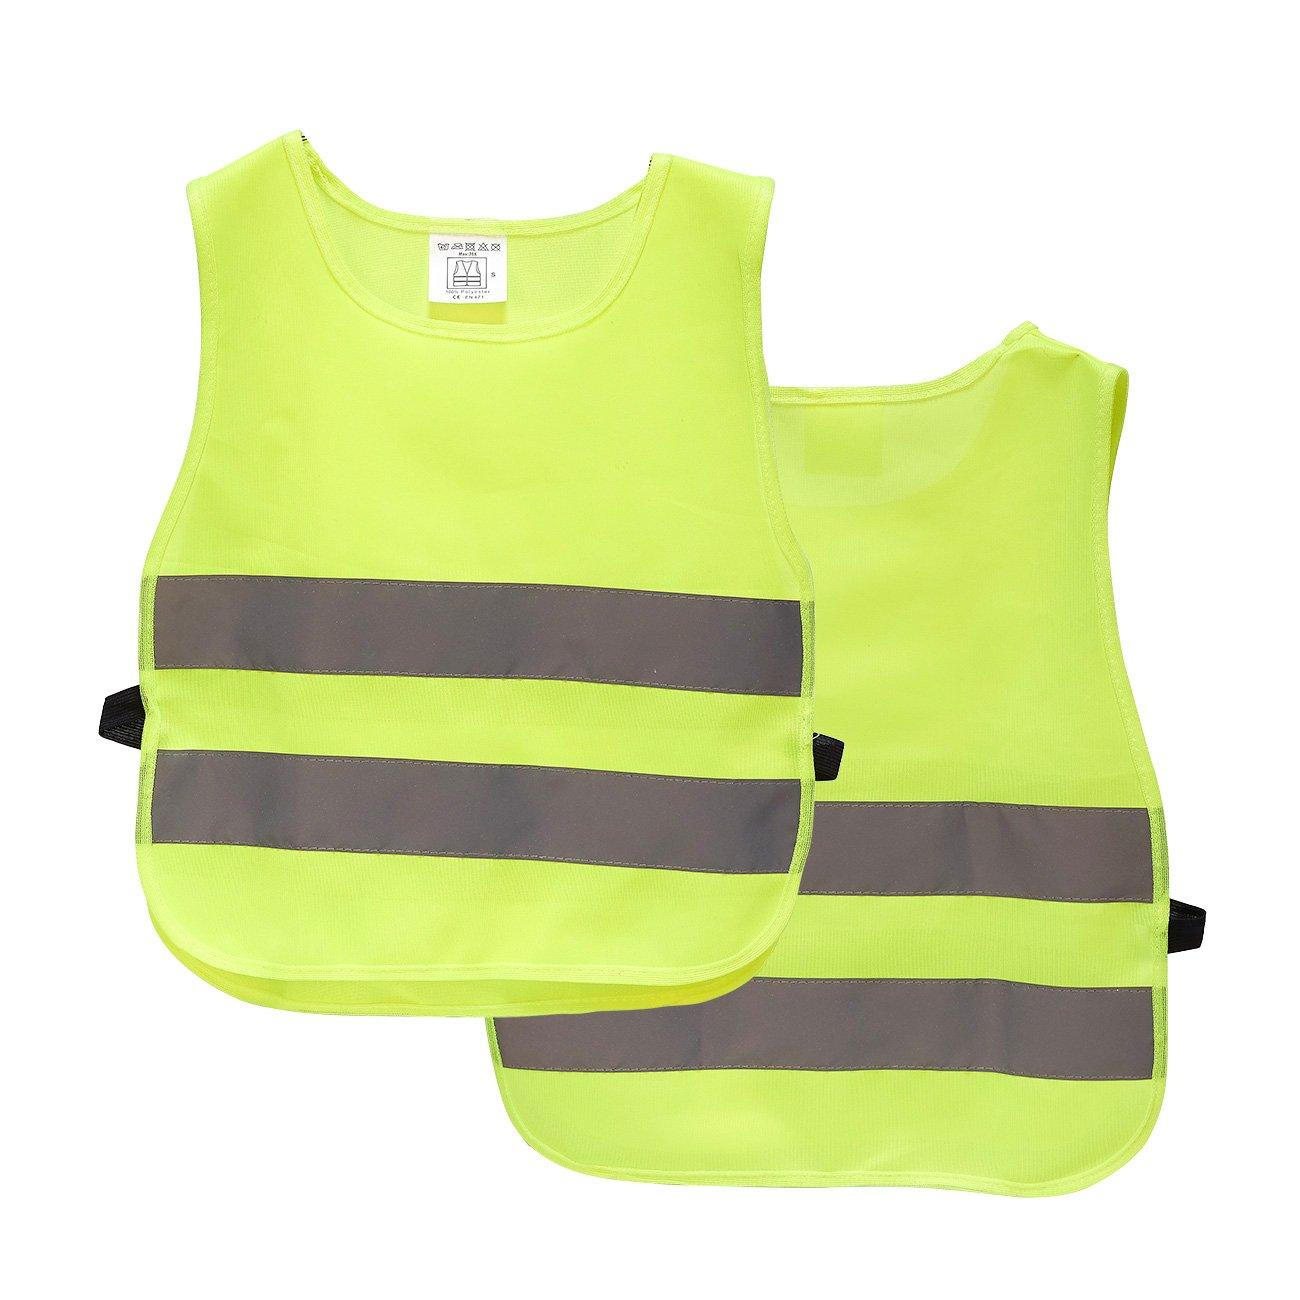 儿童反光背心 - 2 件装高可见性背心,户外夜间活动或建筑工人反光背心,万圣节服装配饰